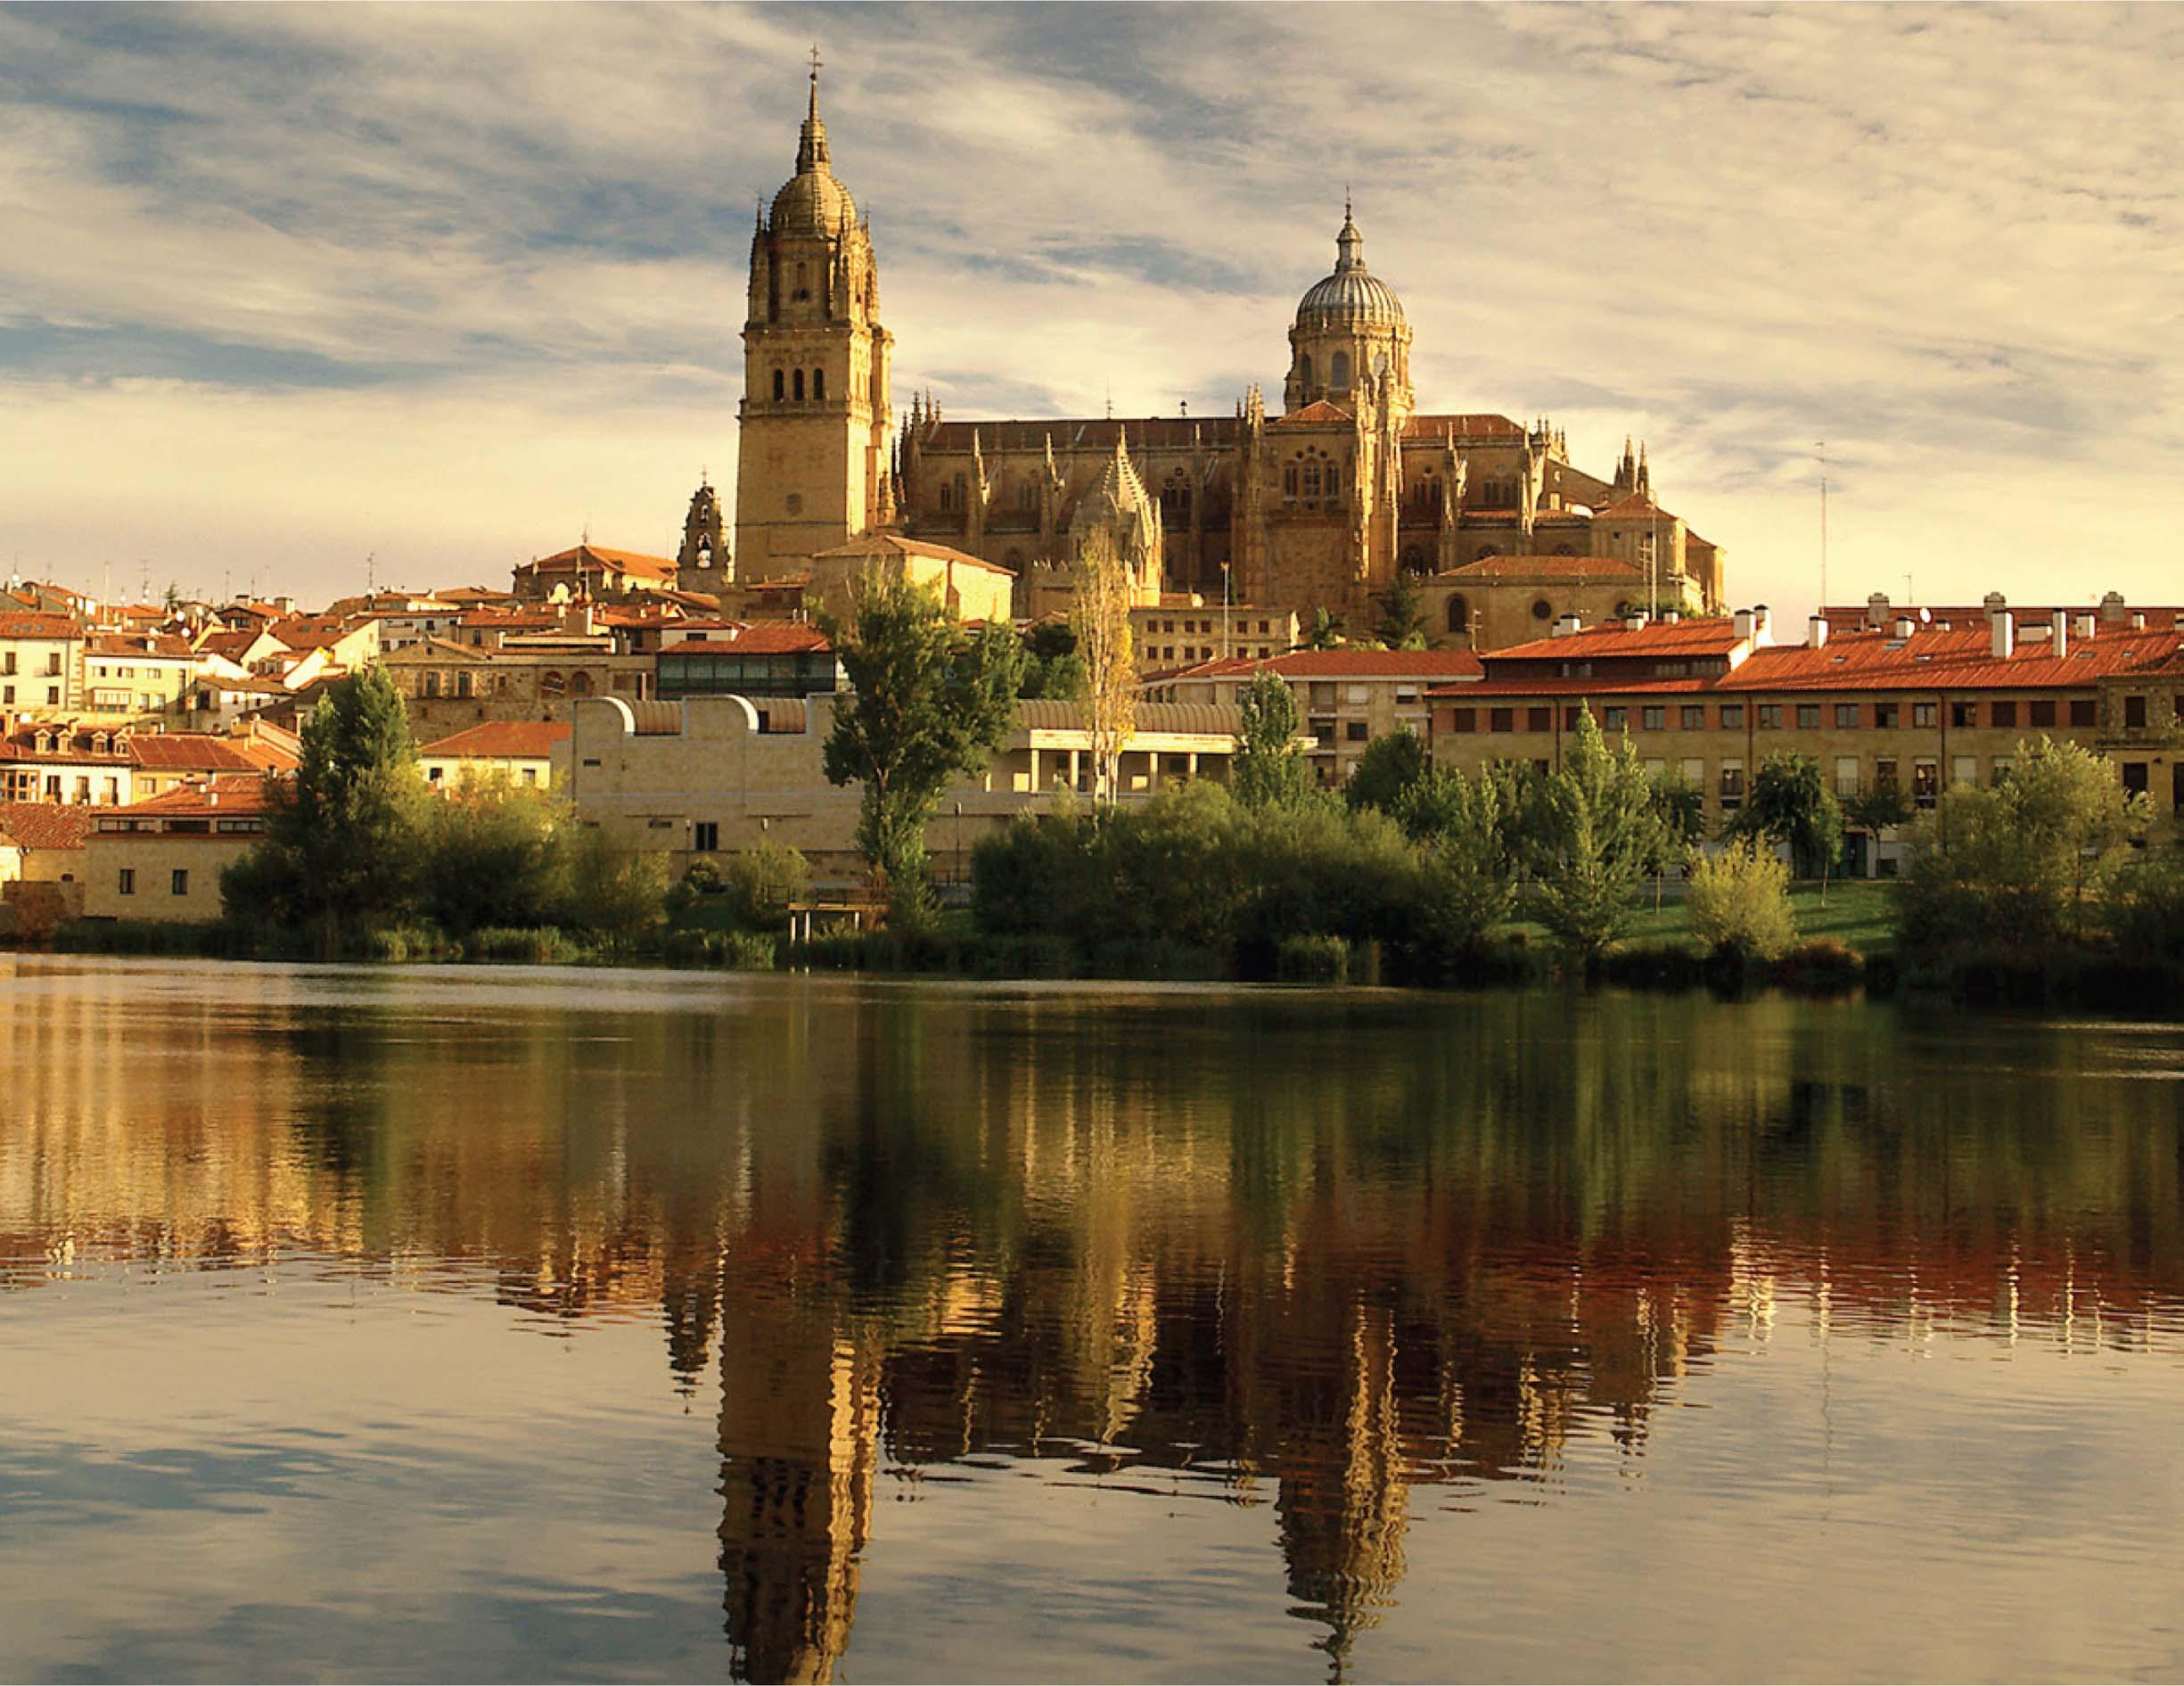 نمایی بسیار زیبا از بافت شهر بارسلون در اسپانیا